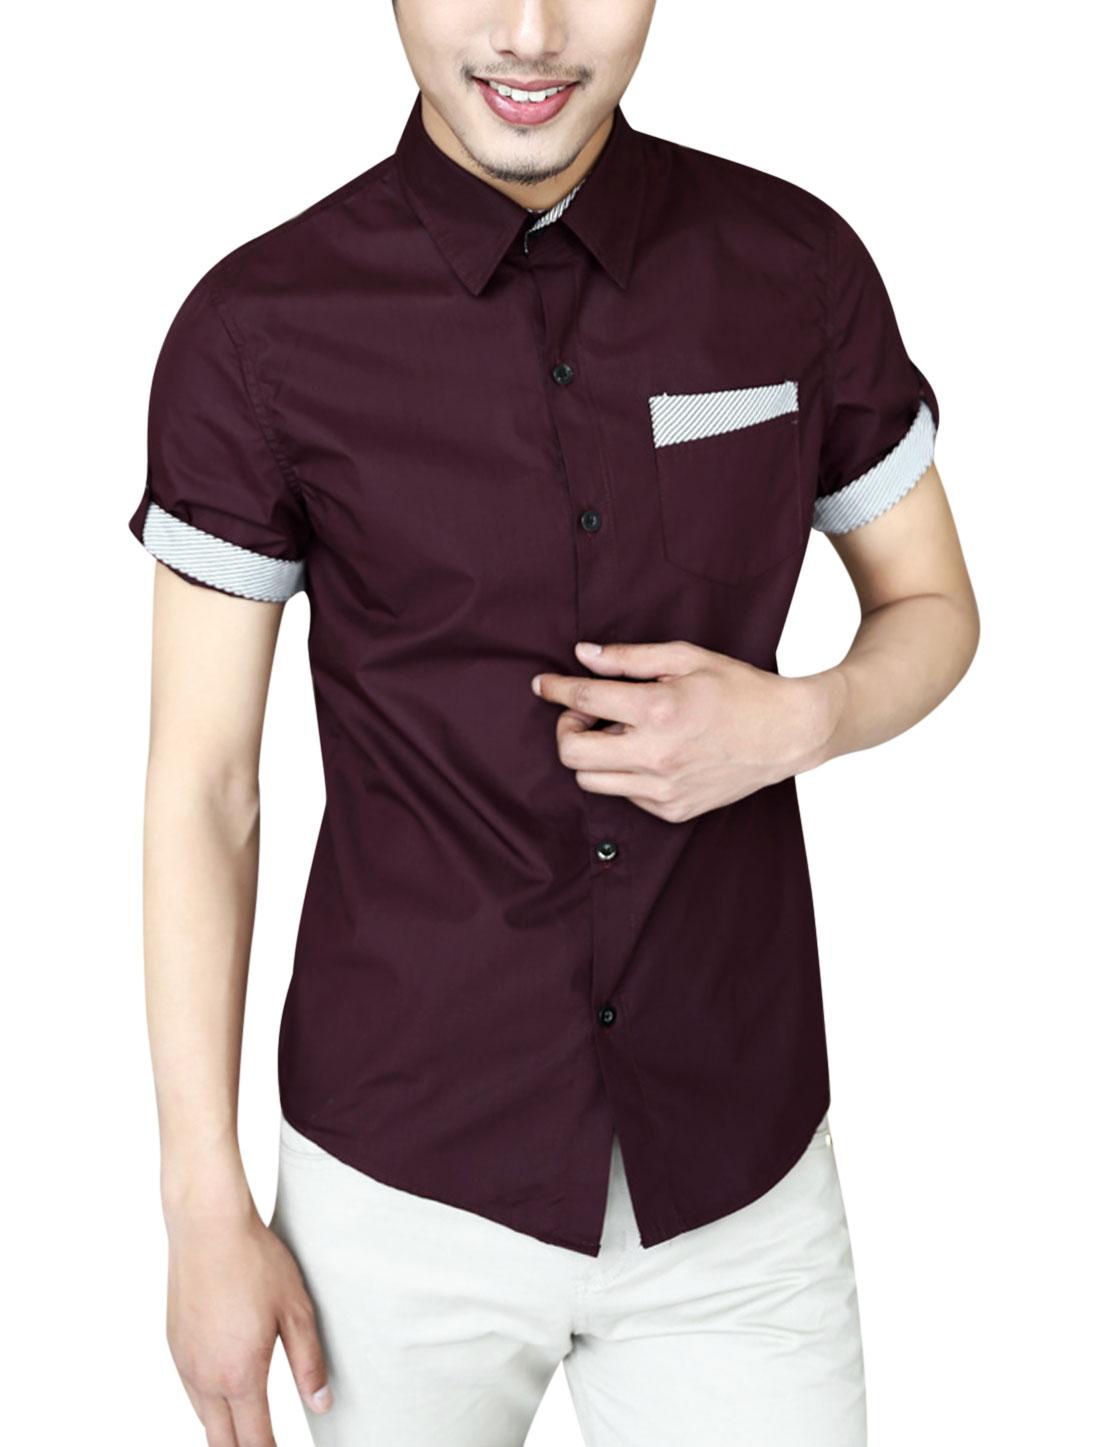 Men Summer Roll Up Cuffs Point Collar Casual Shirt Burgundy M